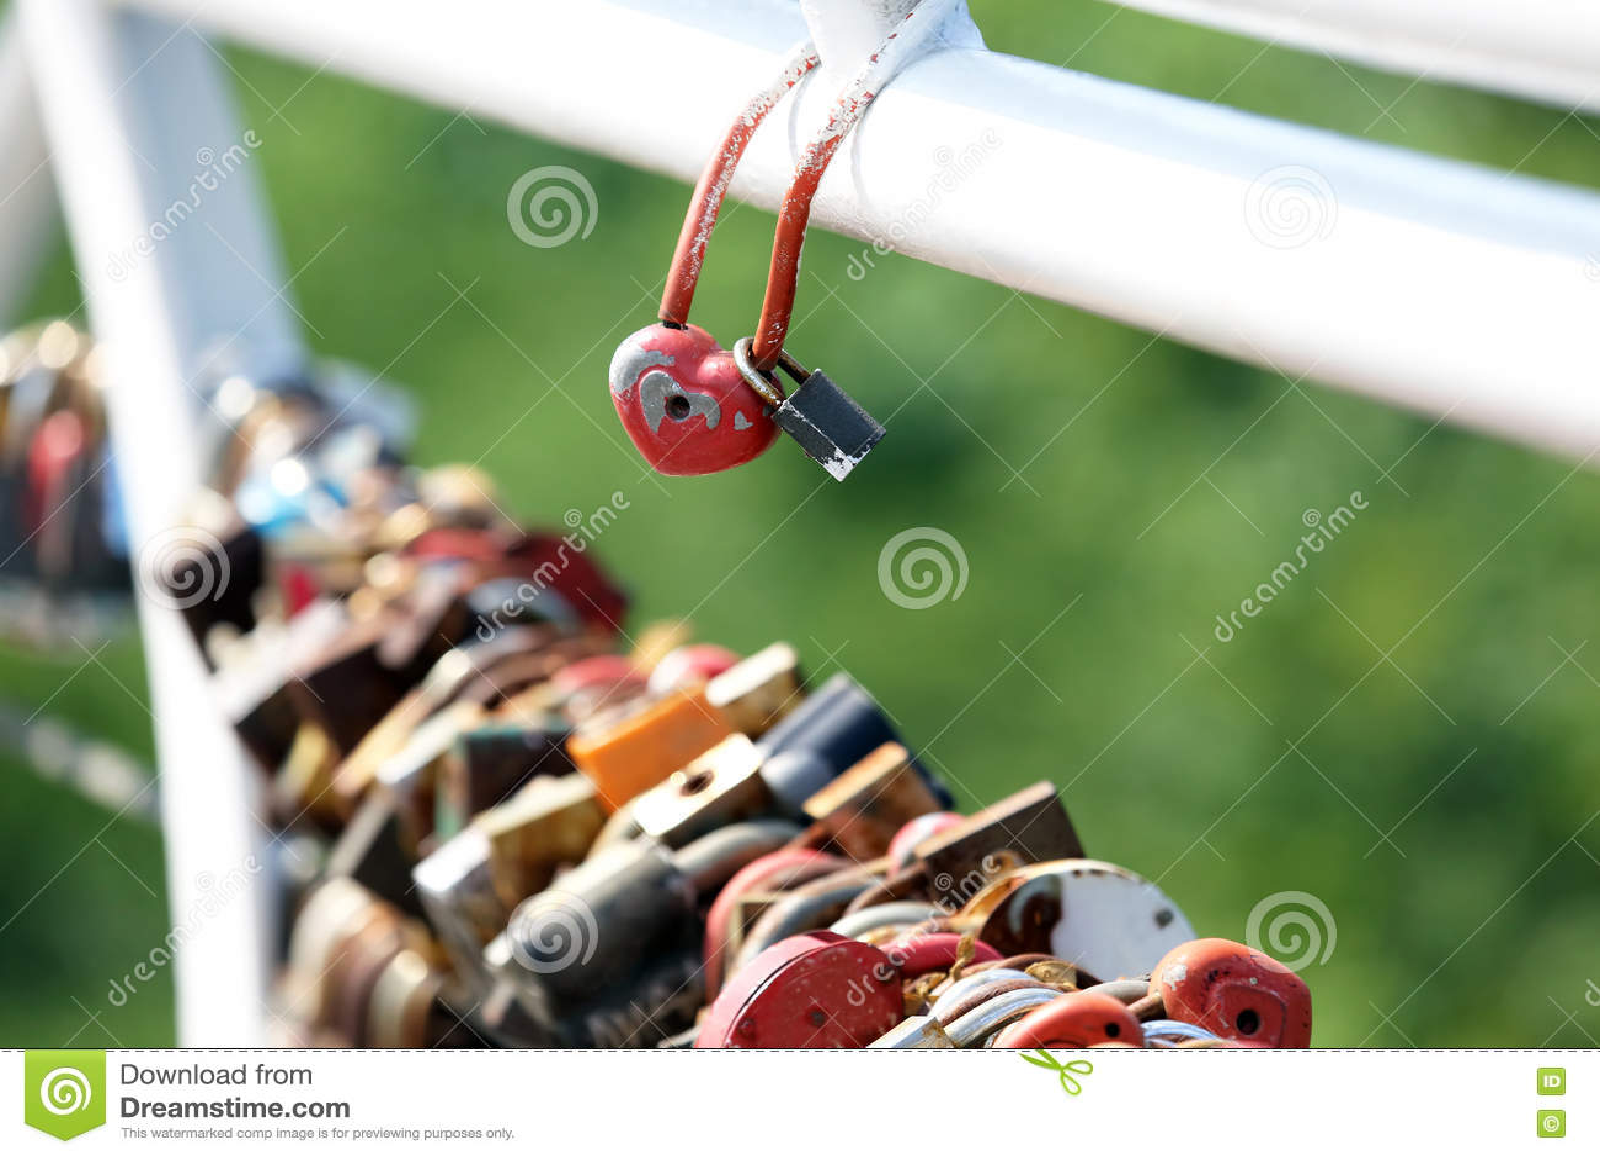 Γαμήλια δύο κλειδαριά έναντι άλλης ένωσης κλειδαριών